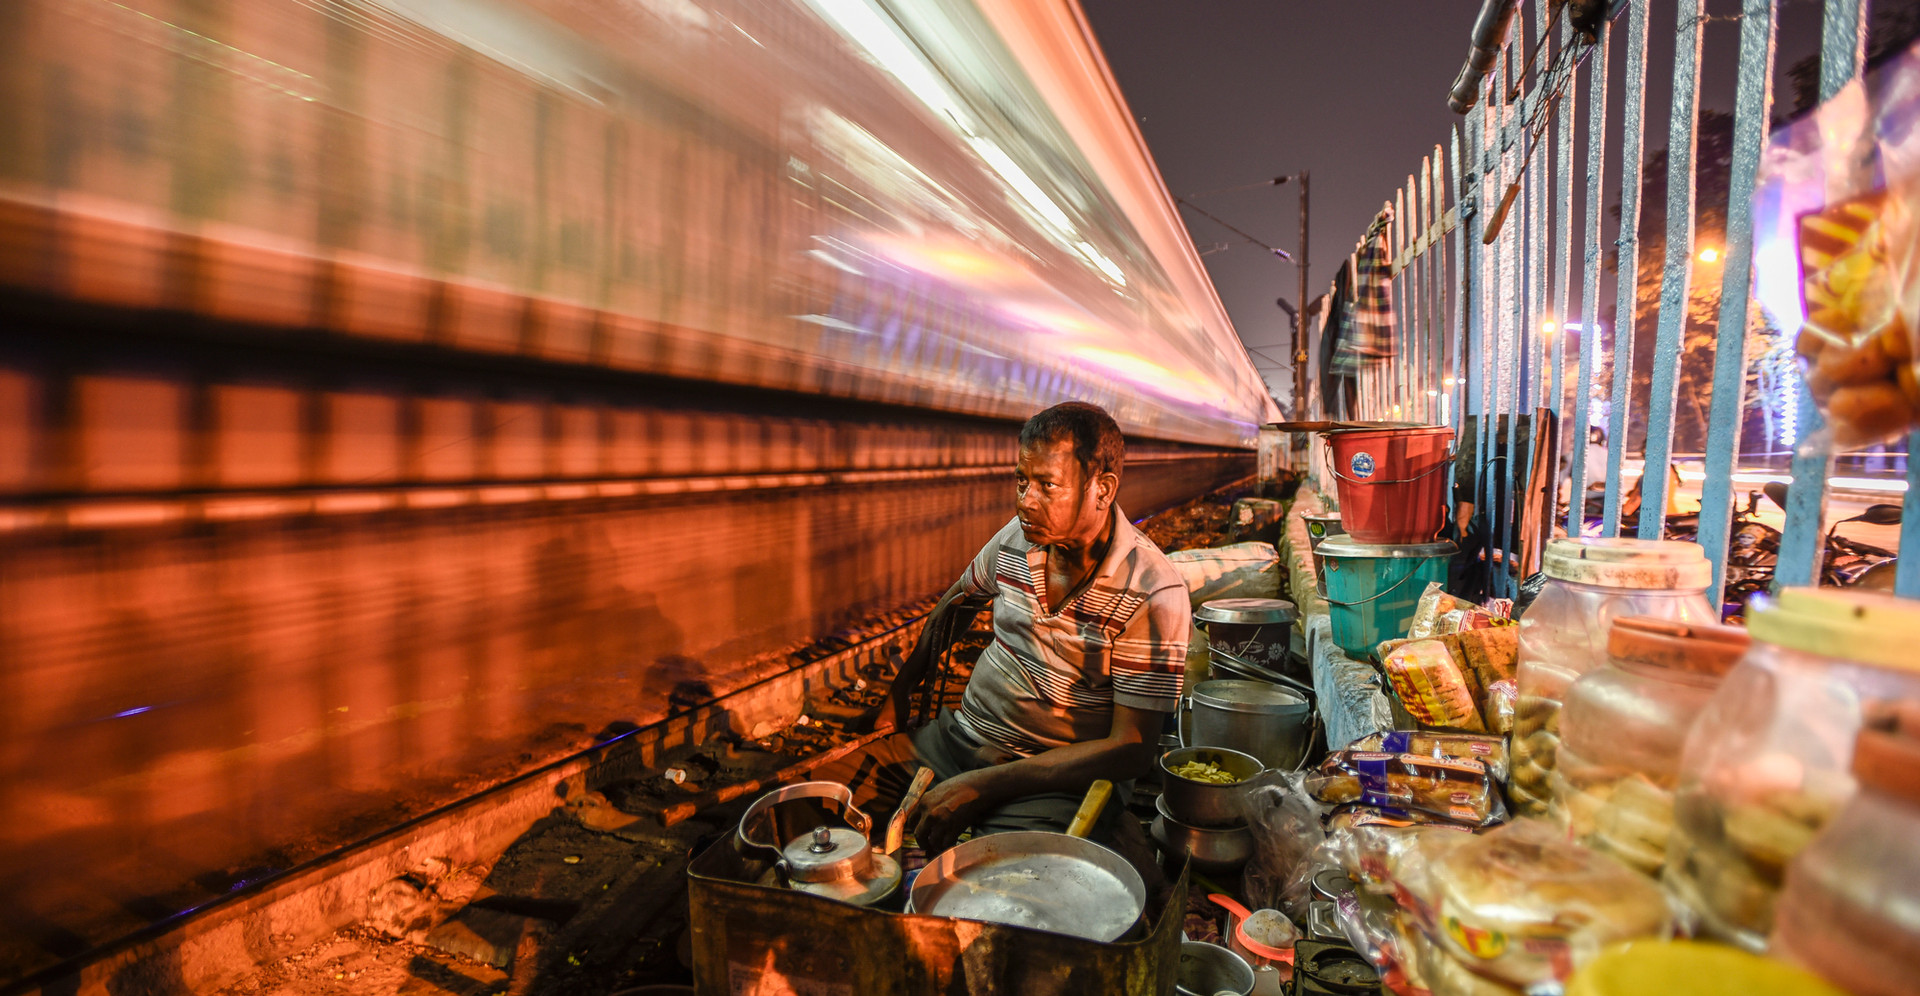 Daily Life - Kolkata